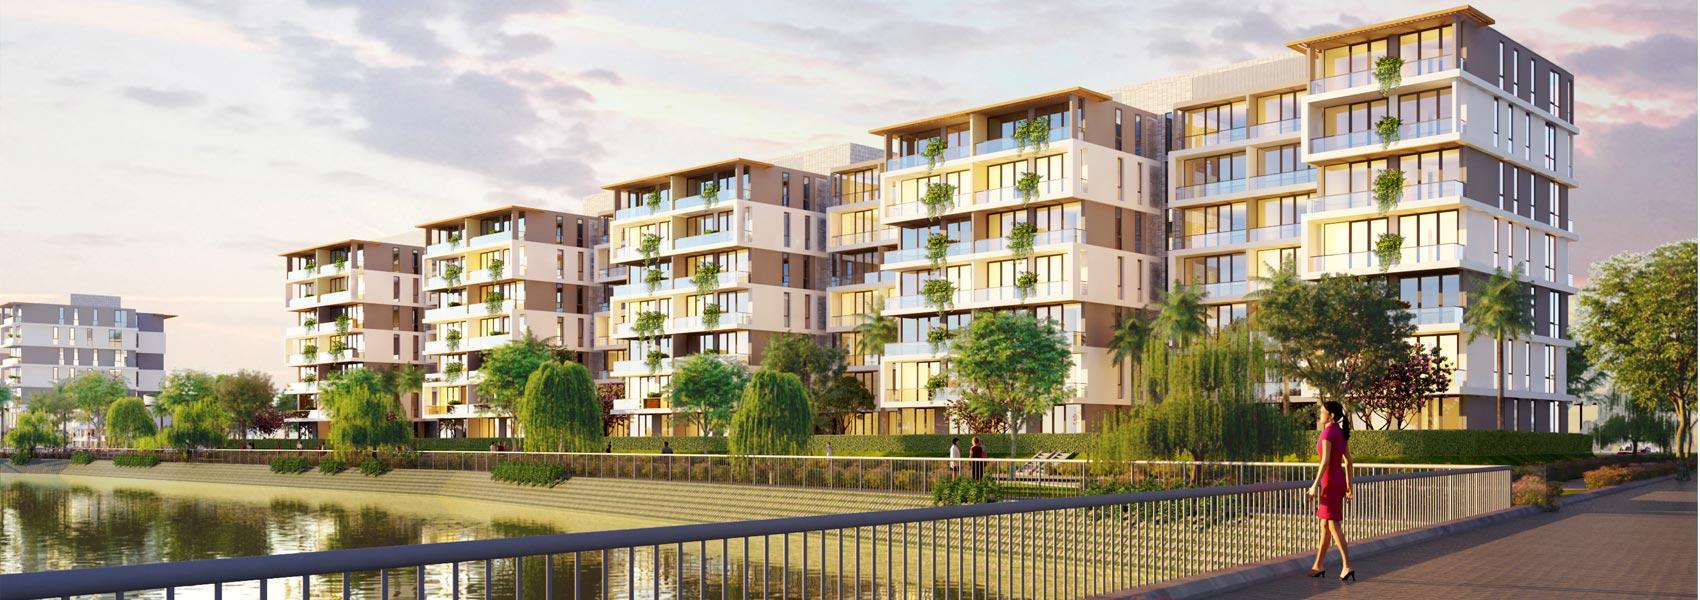 Mua bán cho thuê dự án căn hộ chung cư Sky X Quận 7 Đường Đào Trí chủ đầu tư TTC LAND